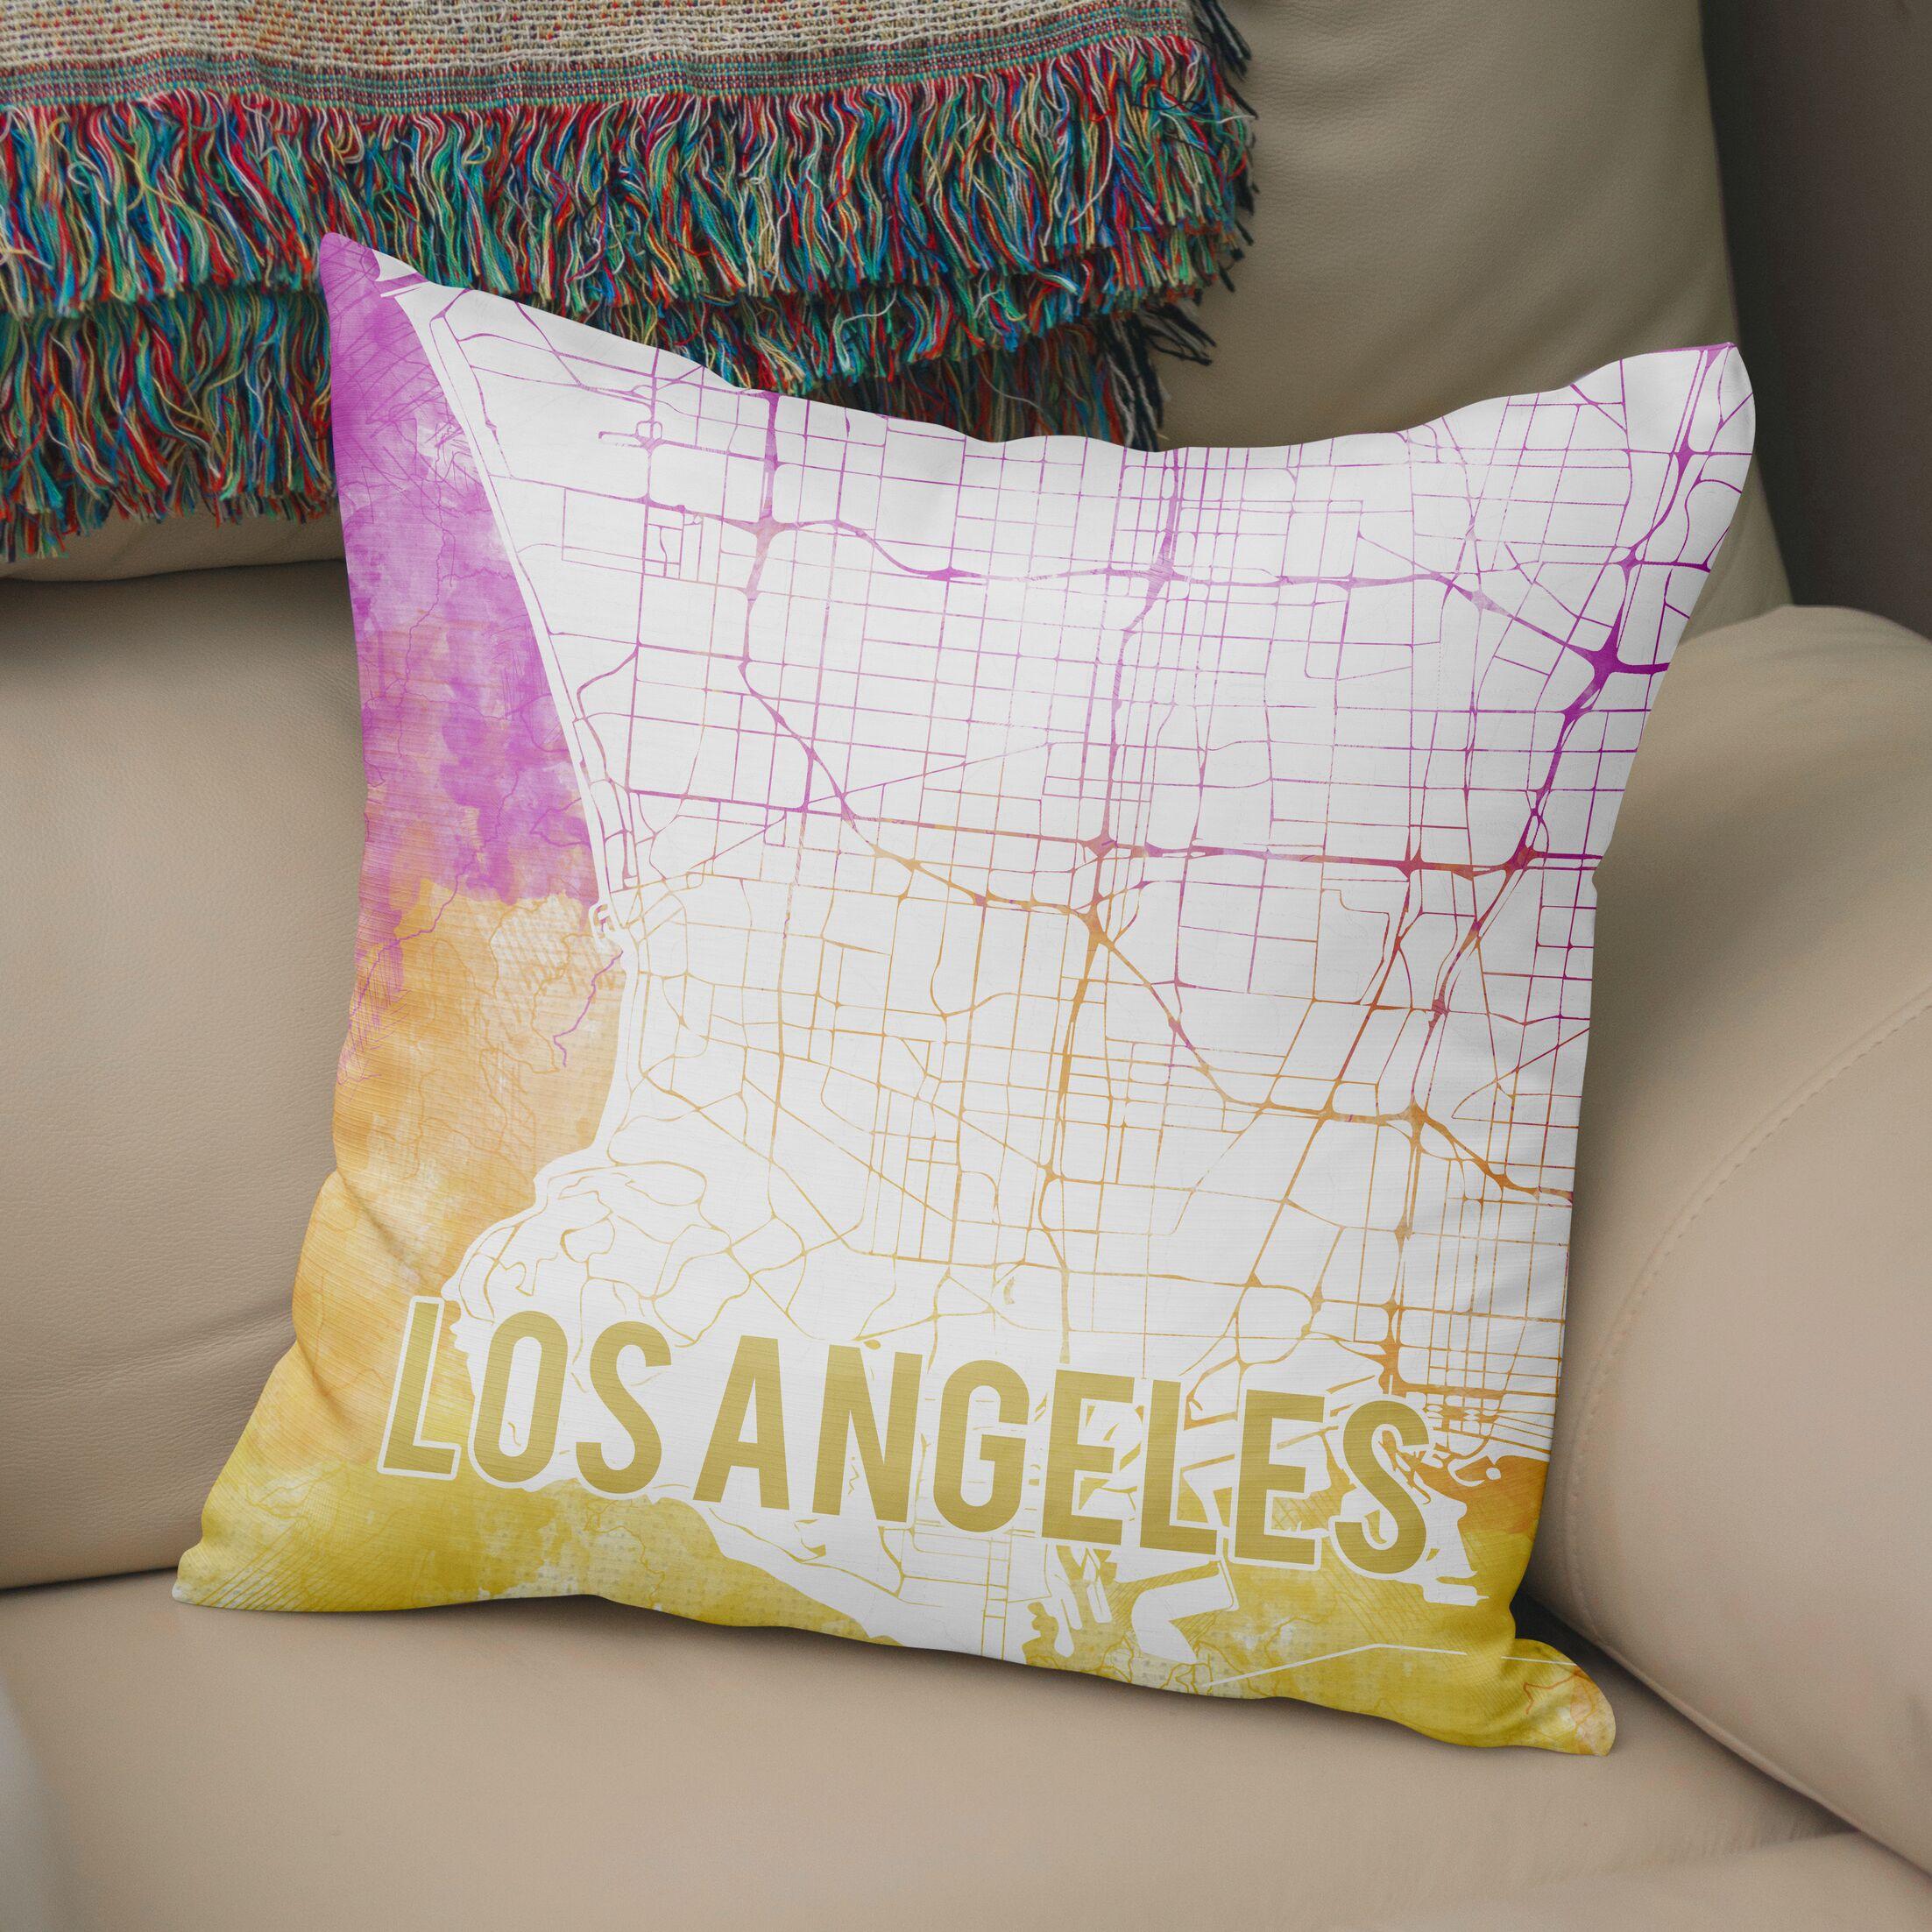 La Sunset Front Accent Pillow Size: 16